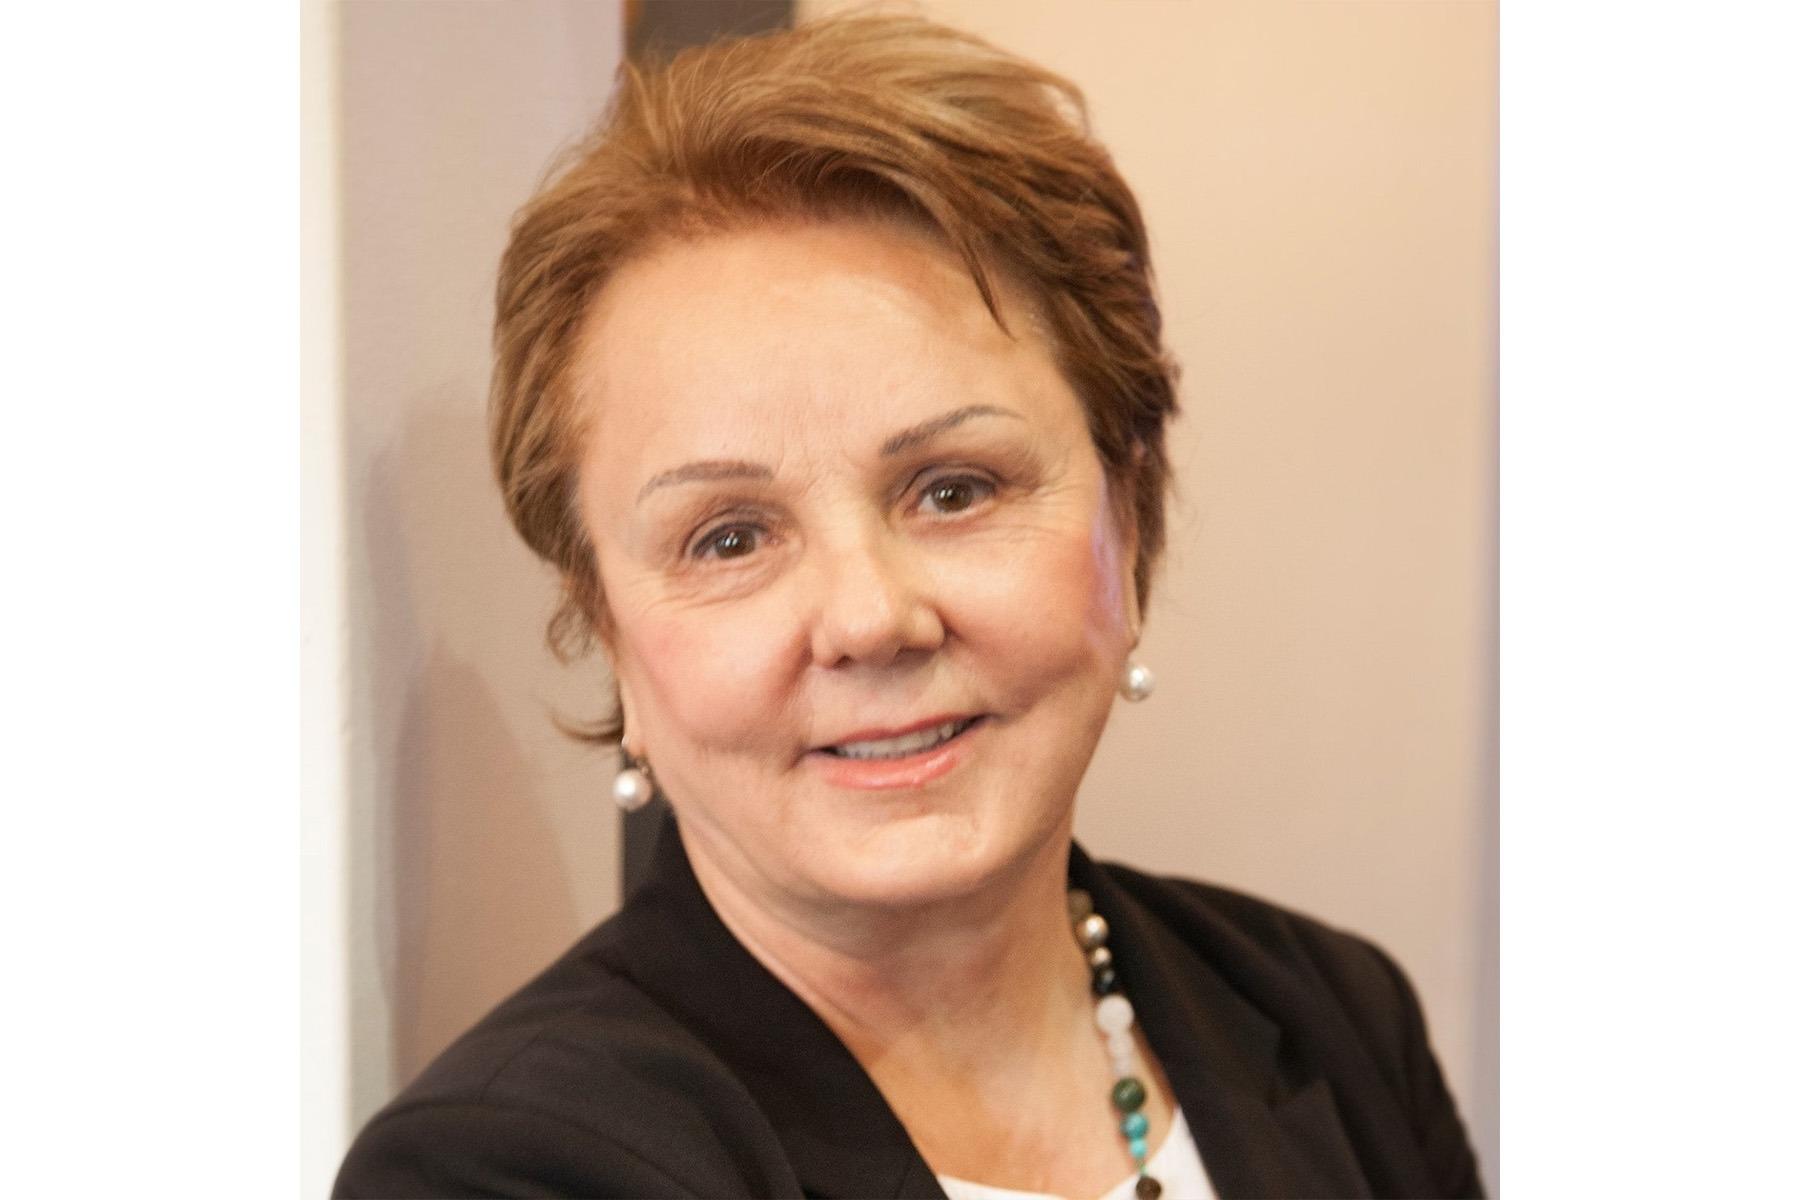 Maria Vujcic